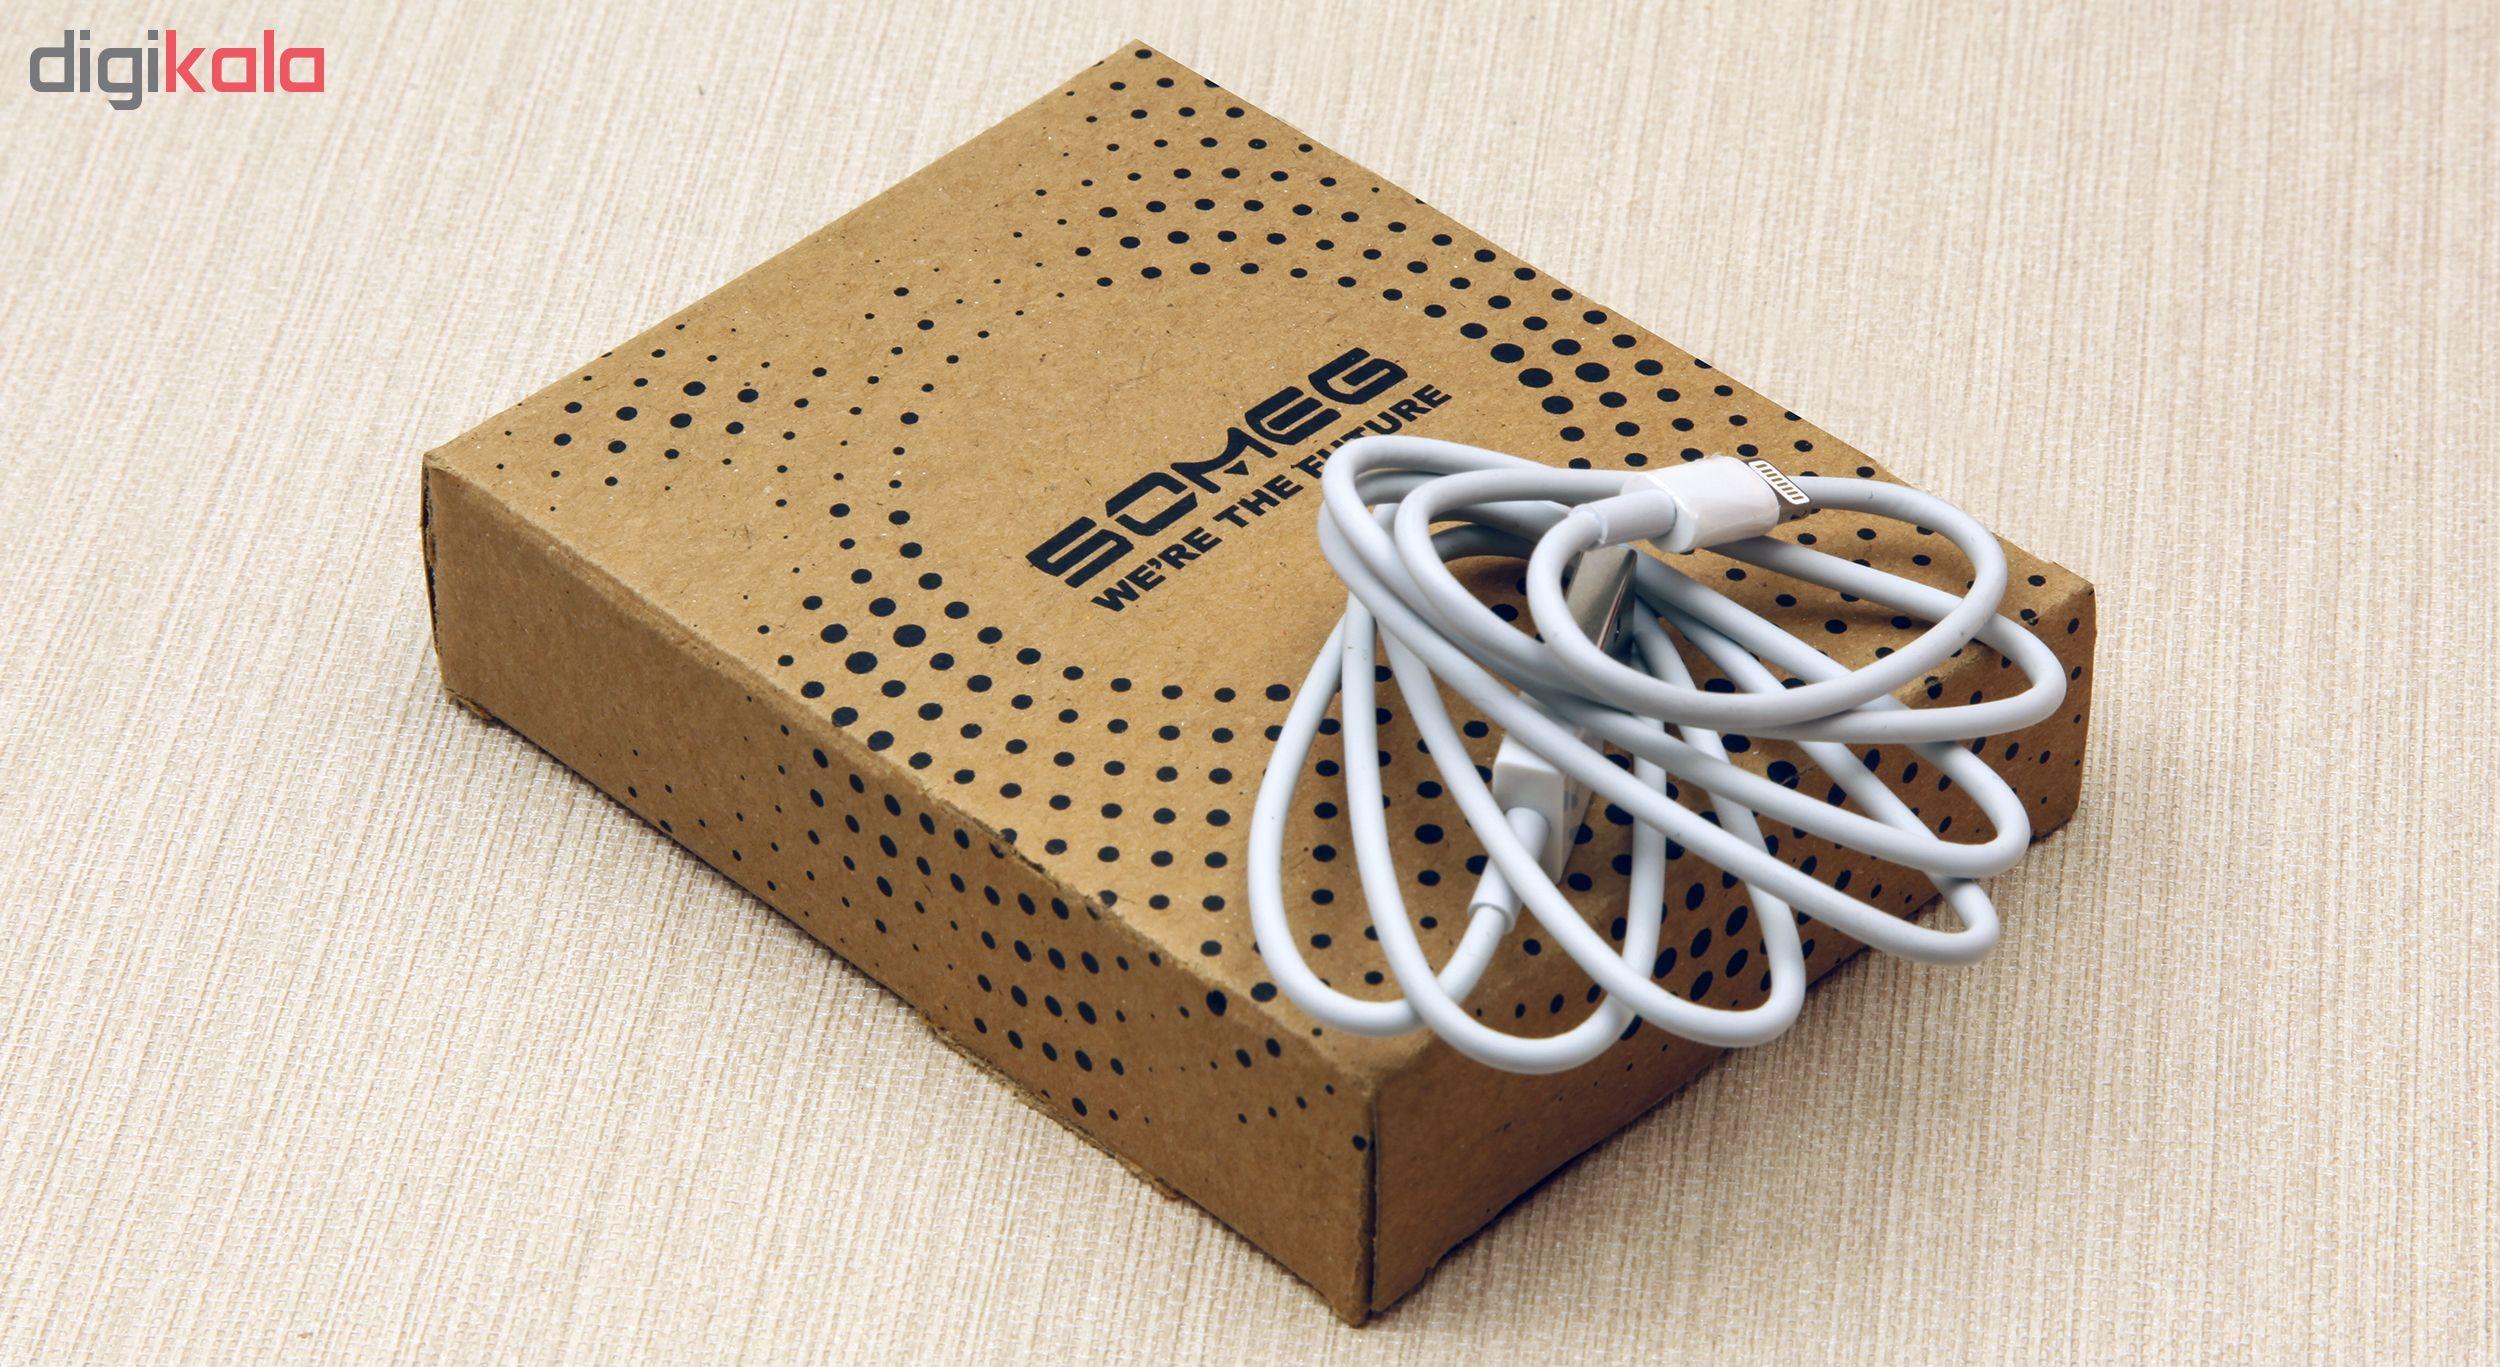 کابل تبدیل USB به لایتنینگ سومگ مدل 001 طول 1 متر main 1 6